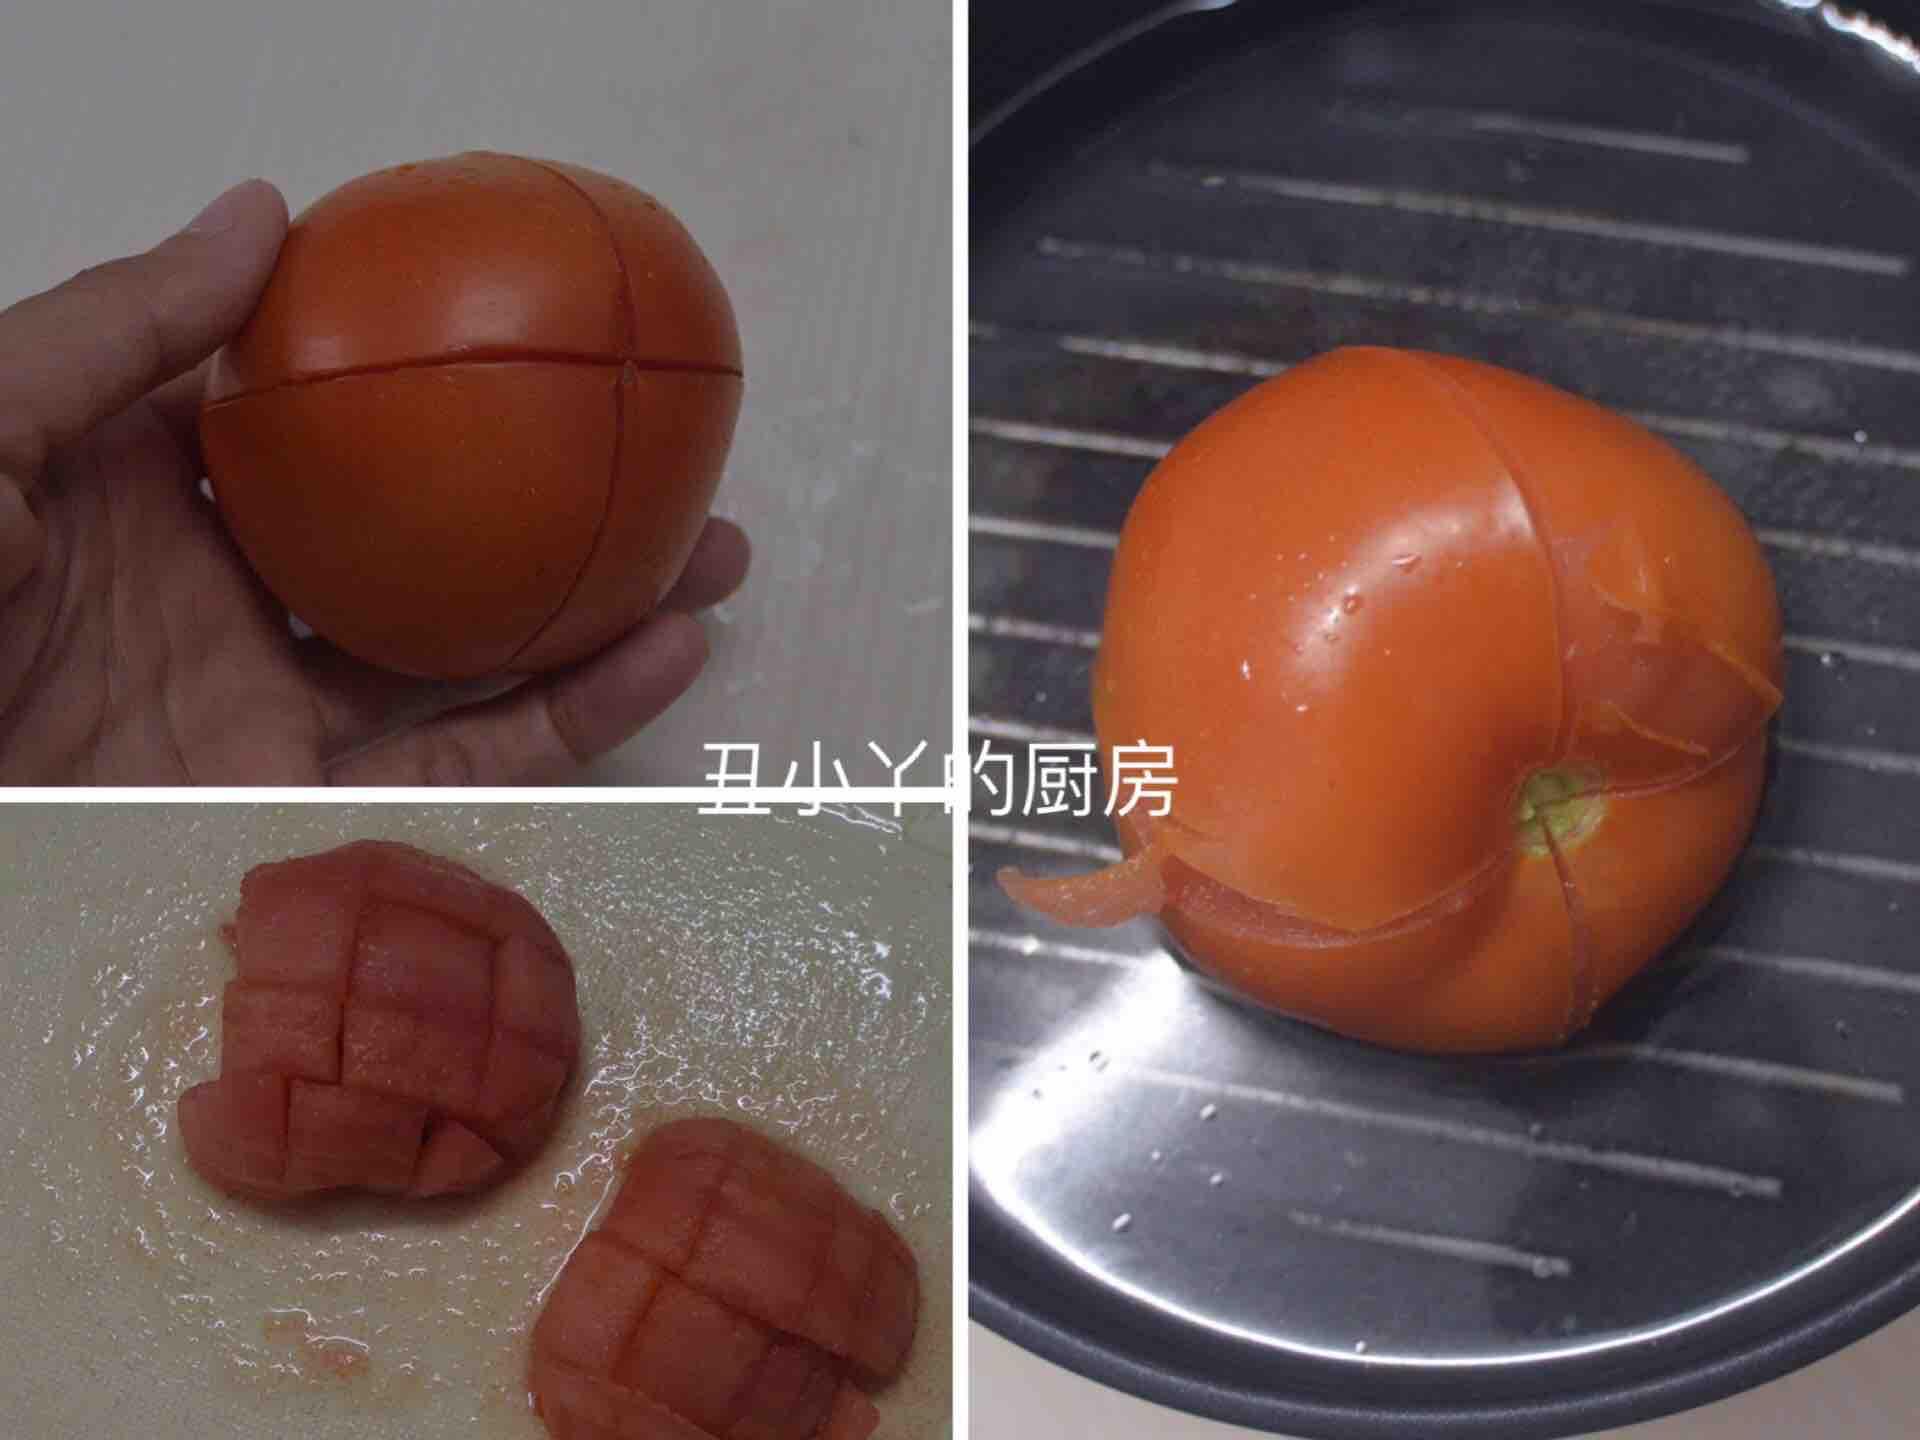 酸爽开胃 番茄豆腐鸡蛋羹的做法图解